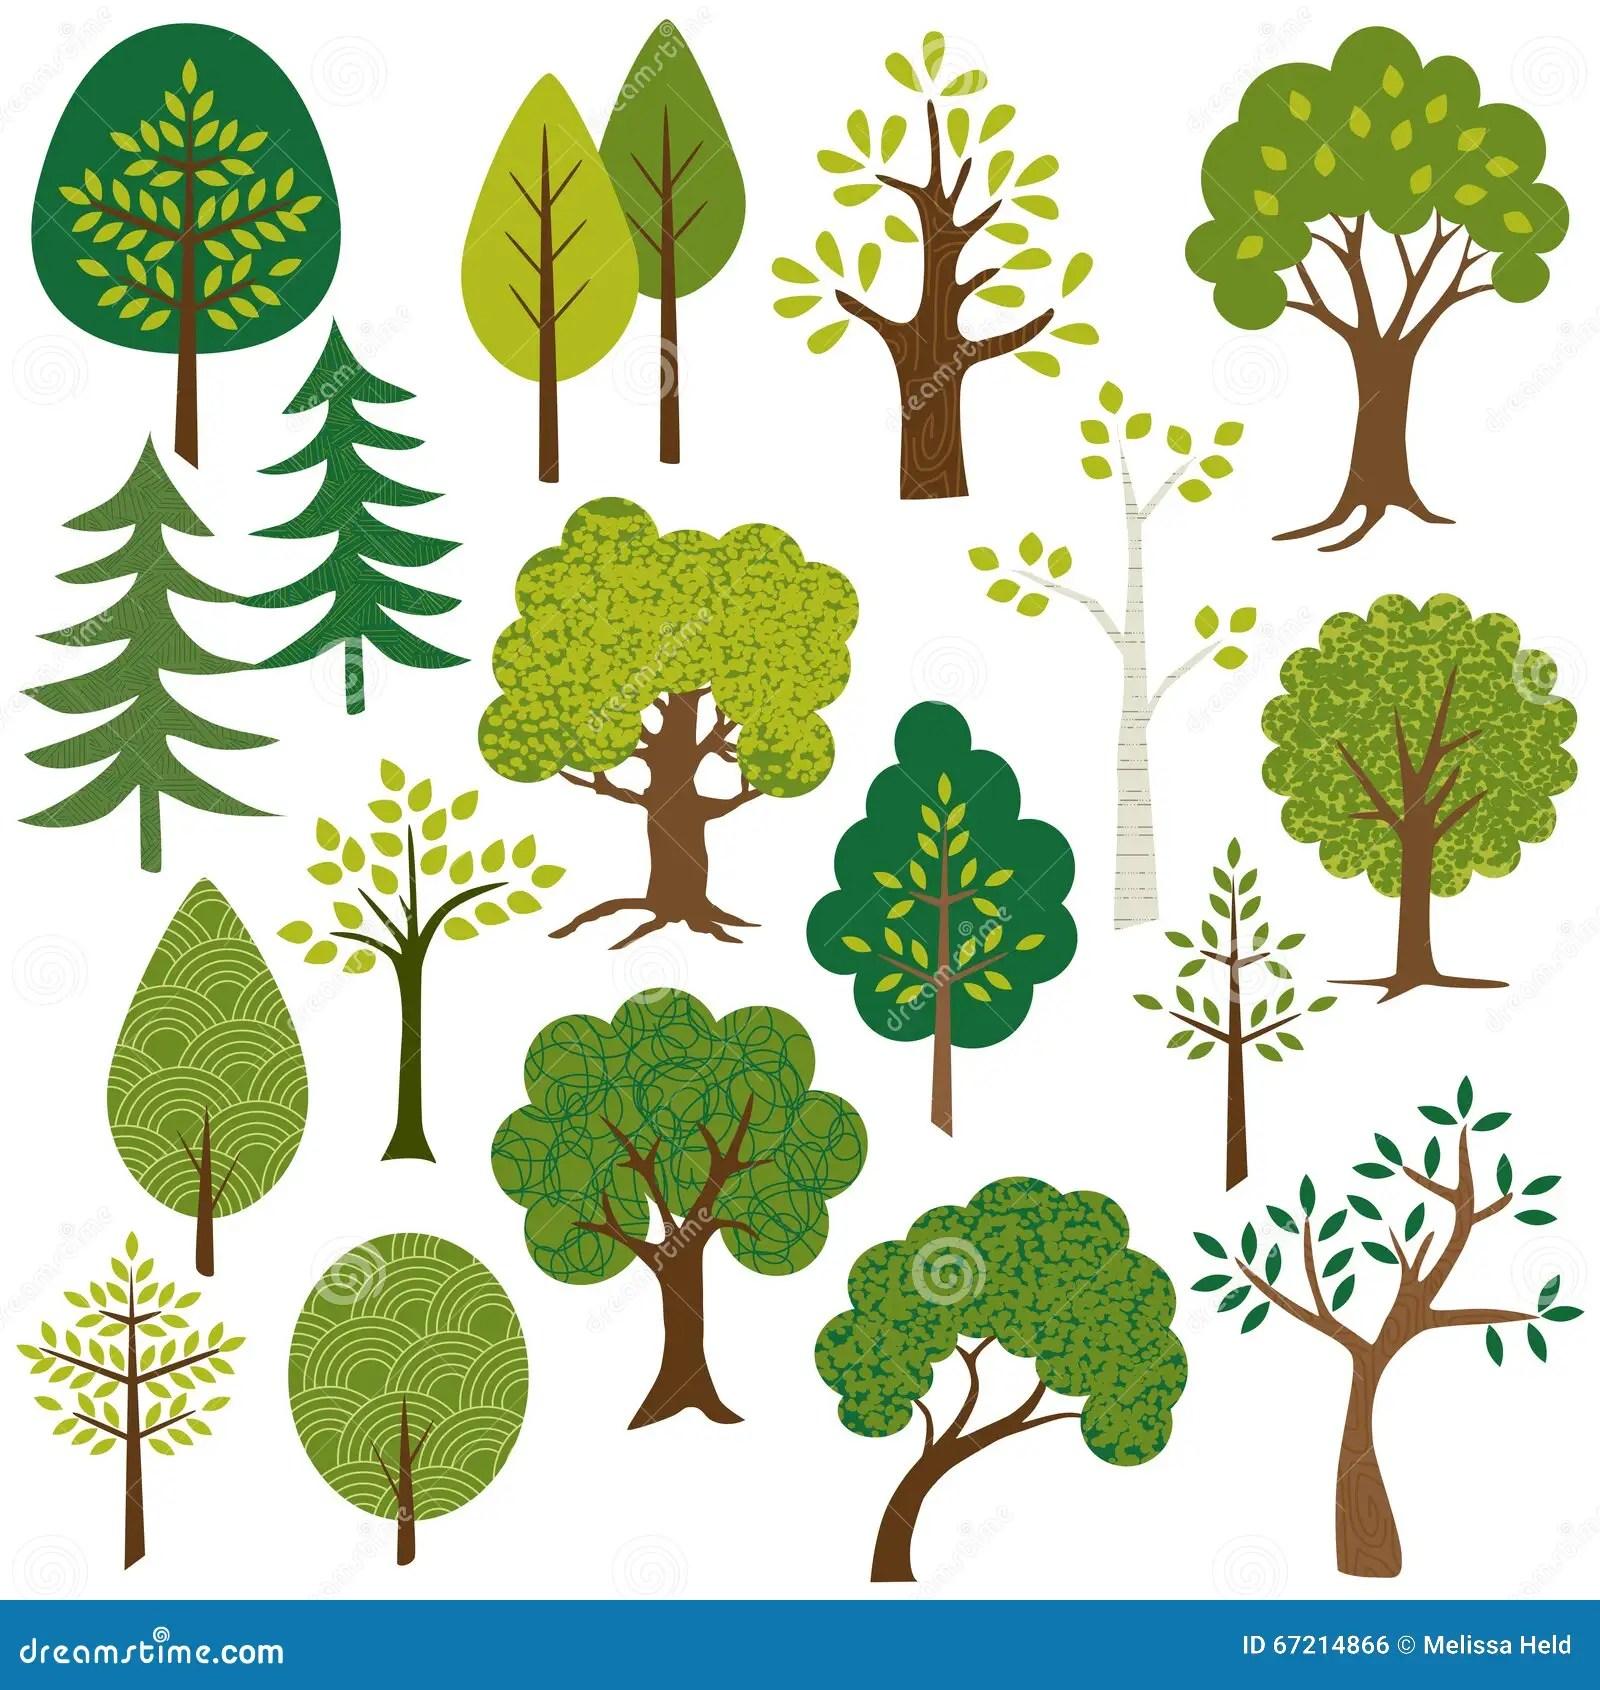 tree clip art stock